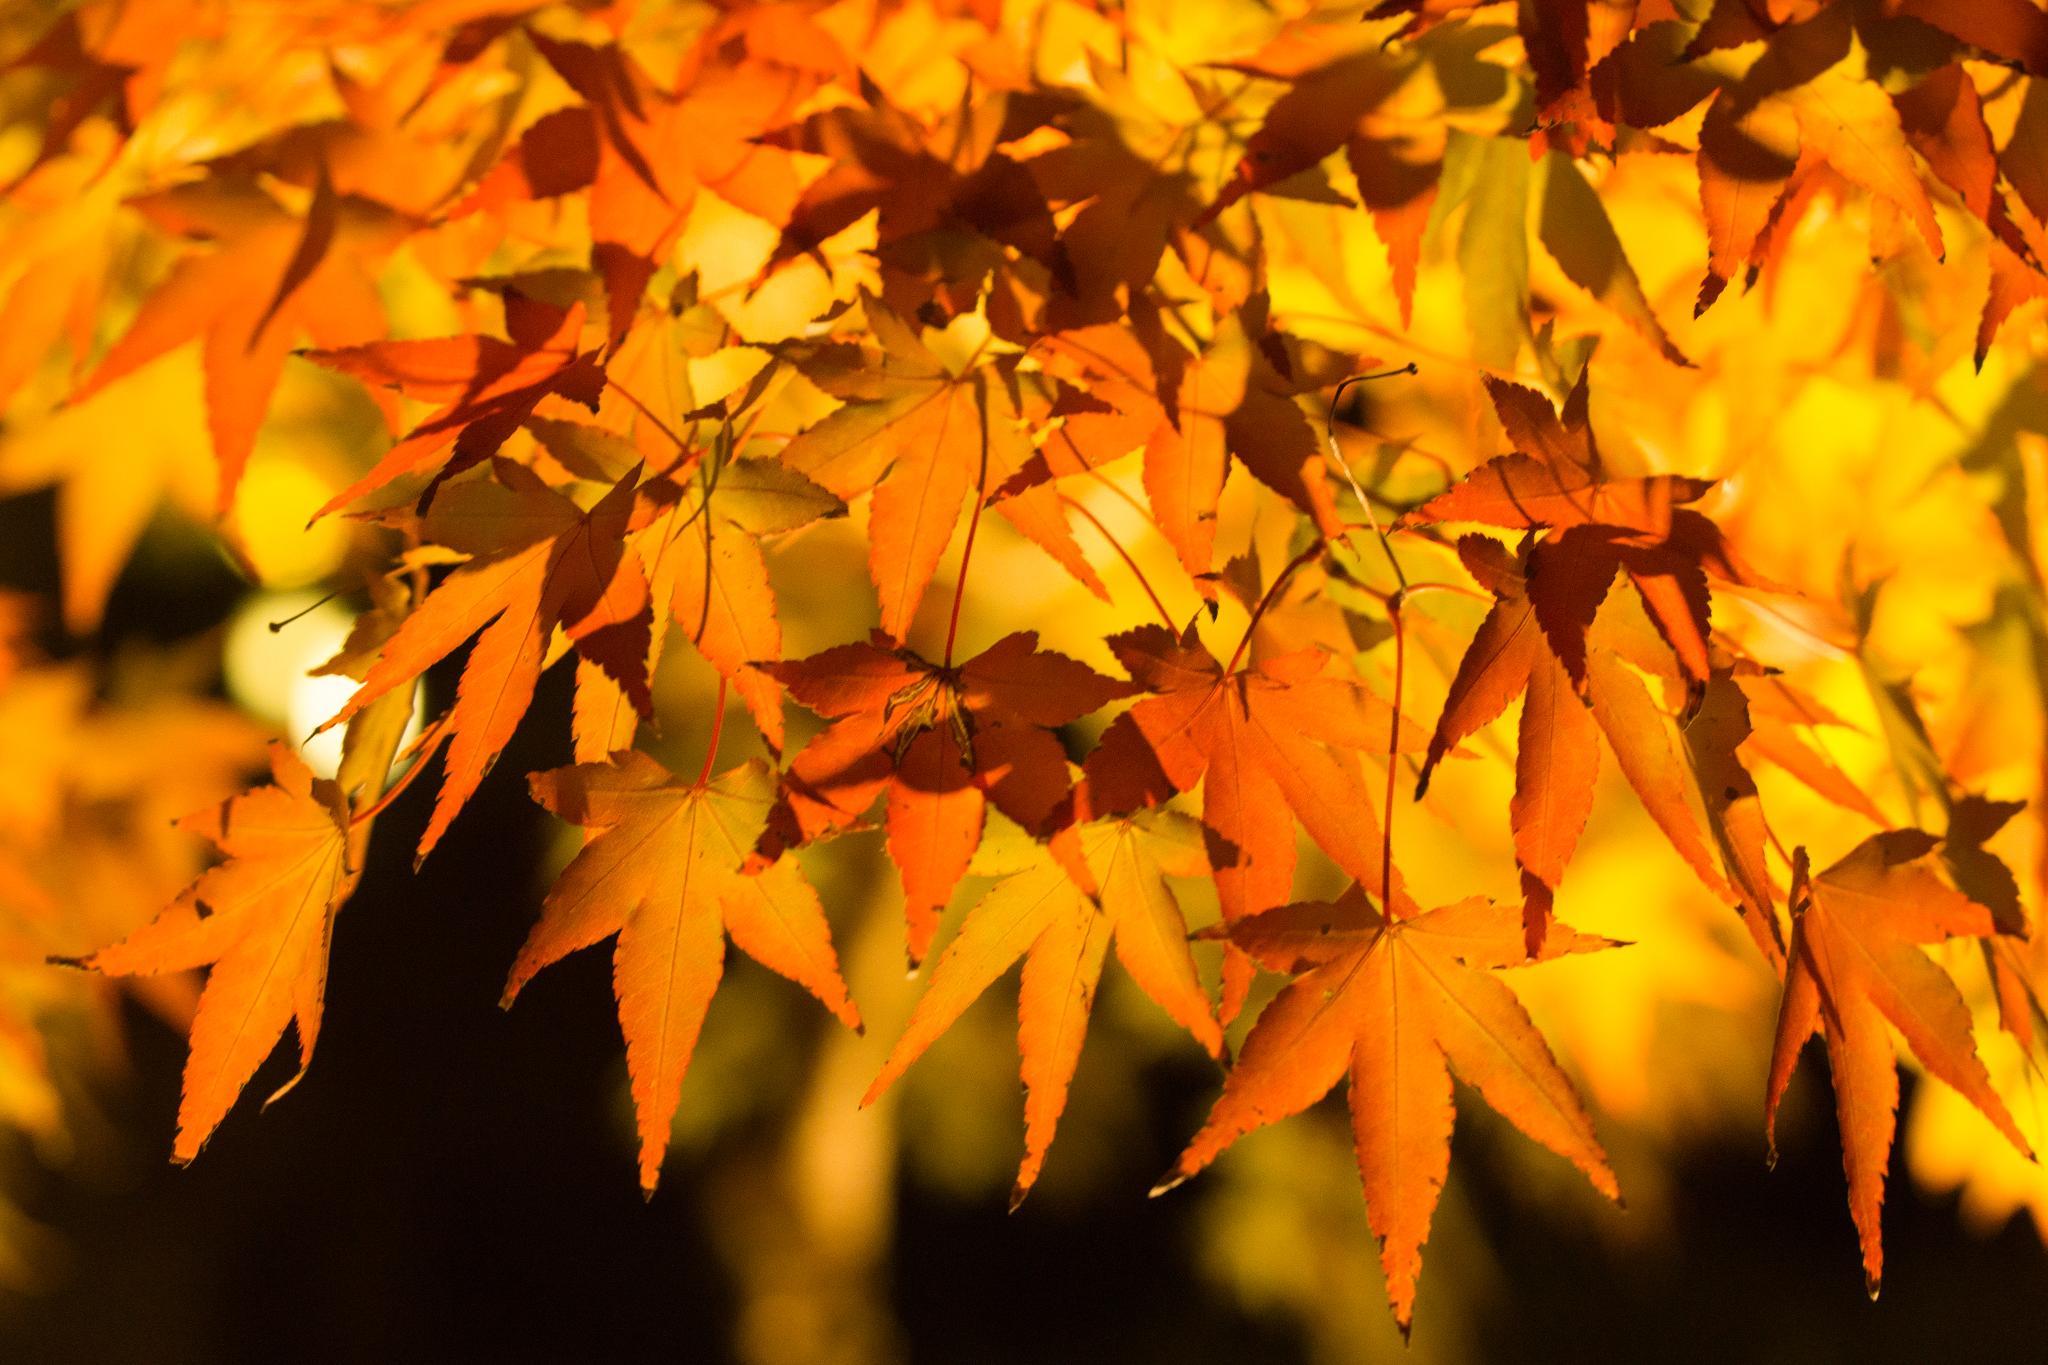 【京都】此生必來的紅葉狩絕景 - 永觀堂夜楓 137